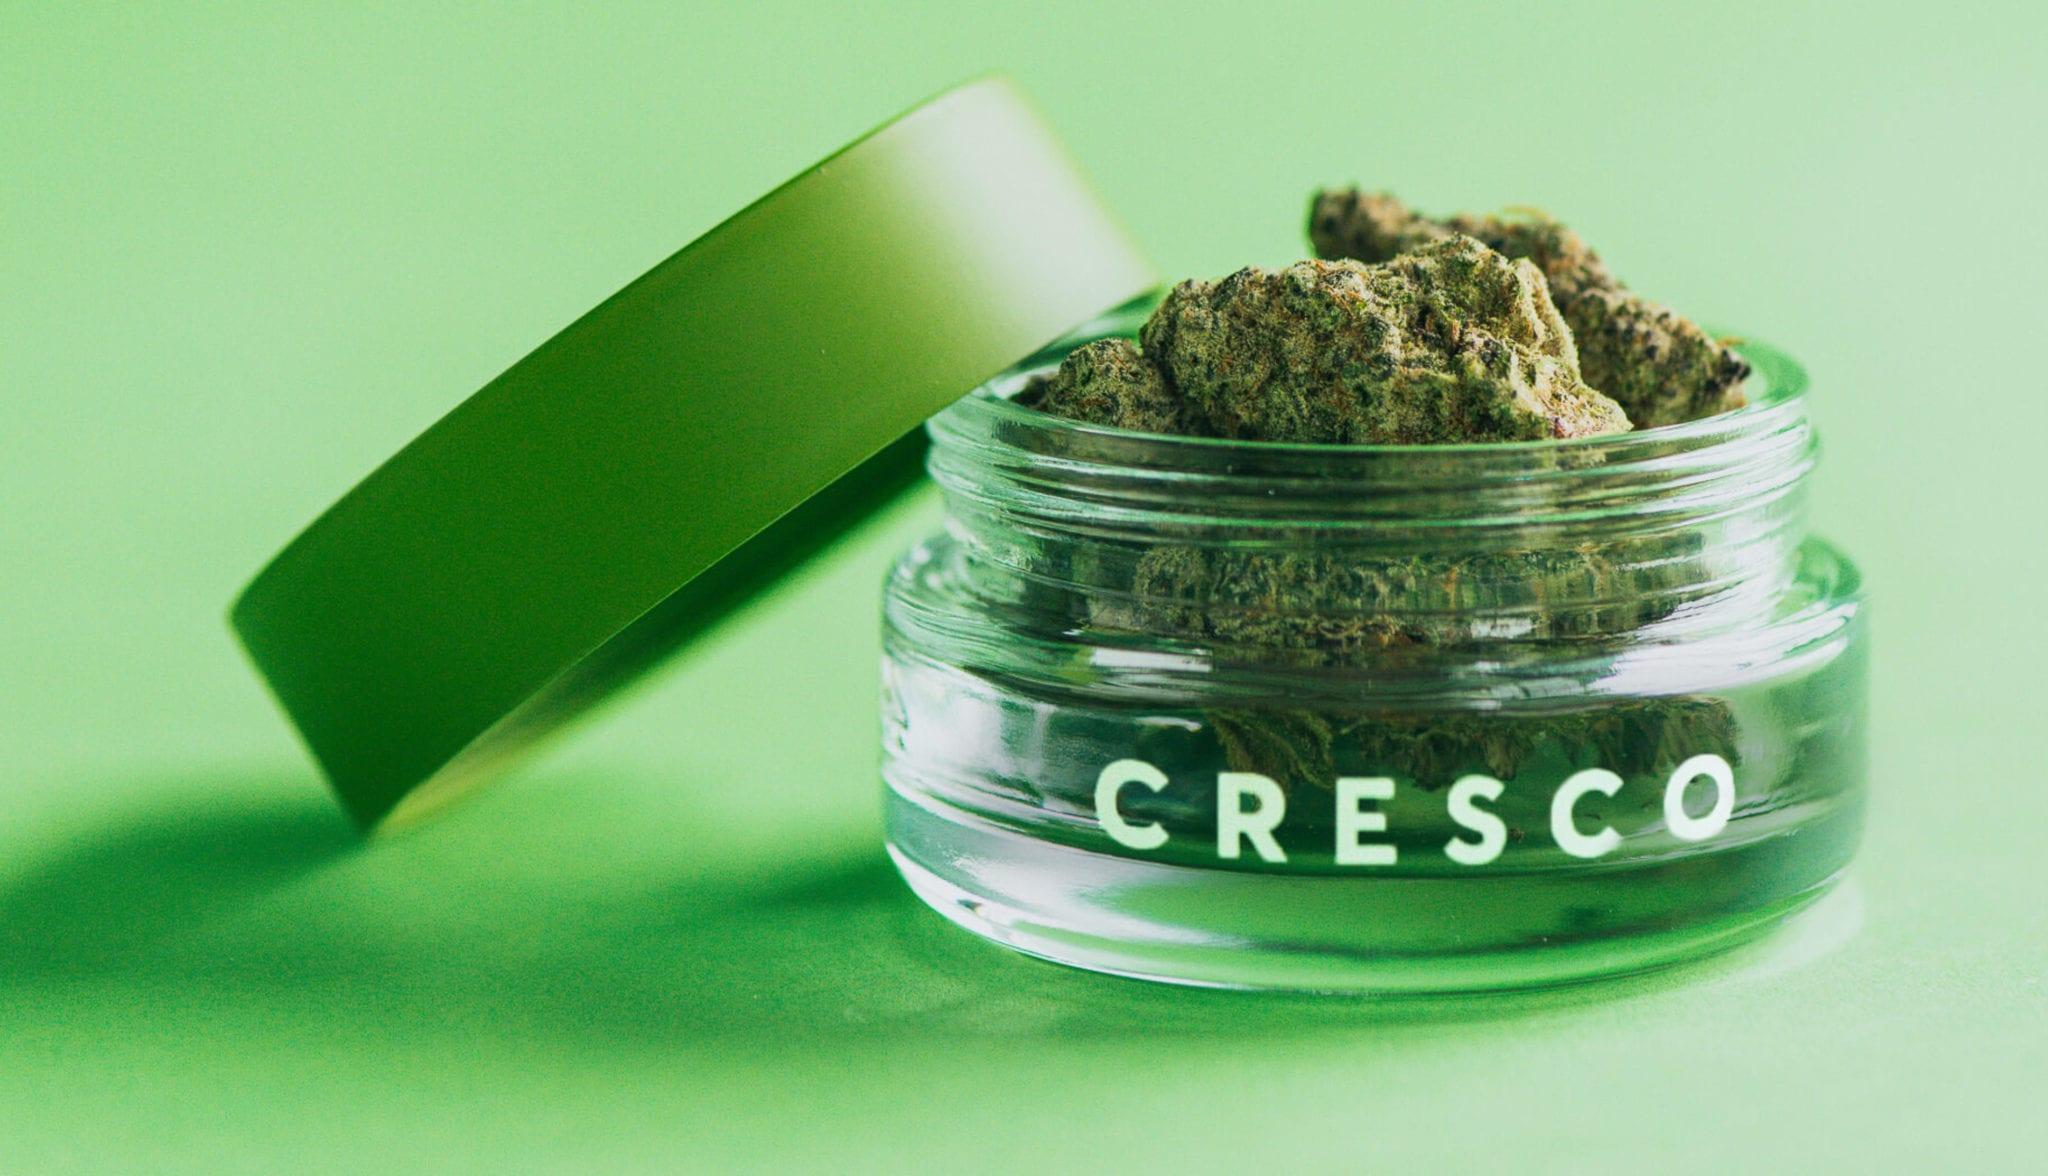 Top US pot brand Cresco Labs beats Q4 expectations